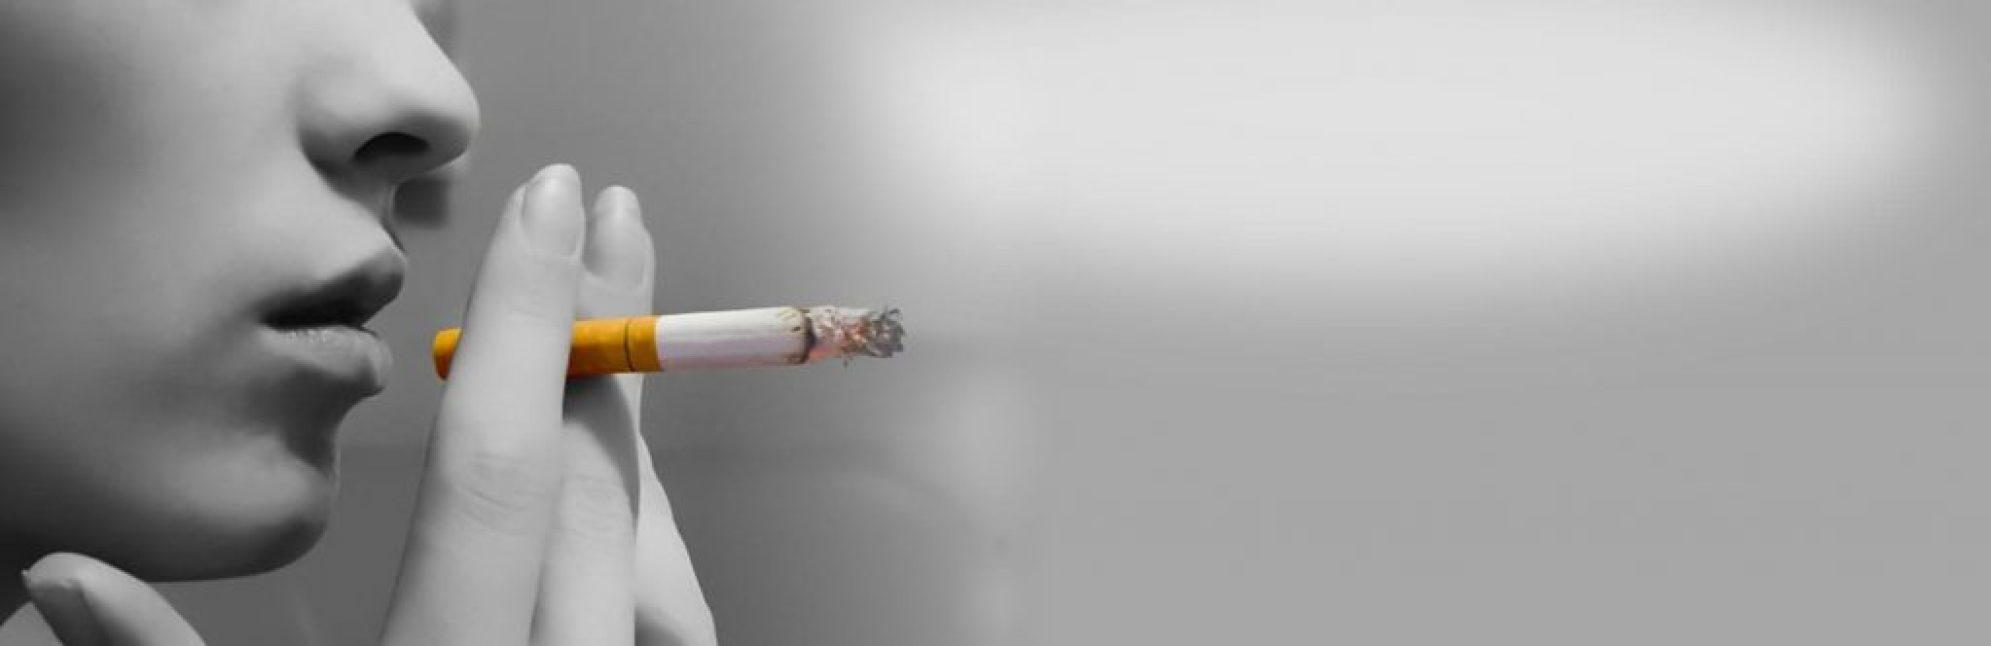 抽煙影響口腔健康